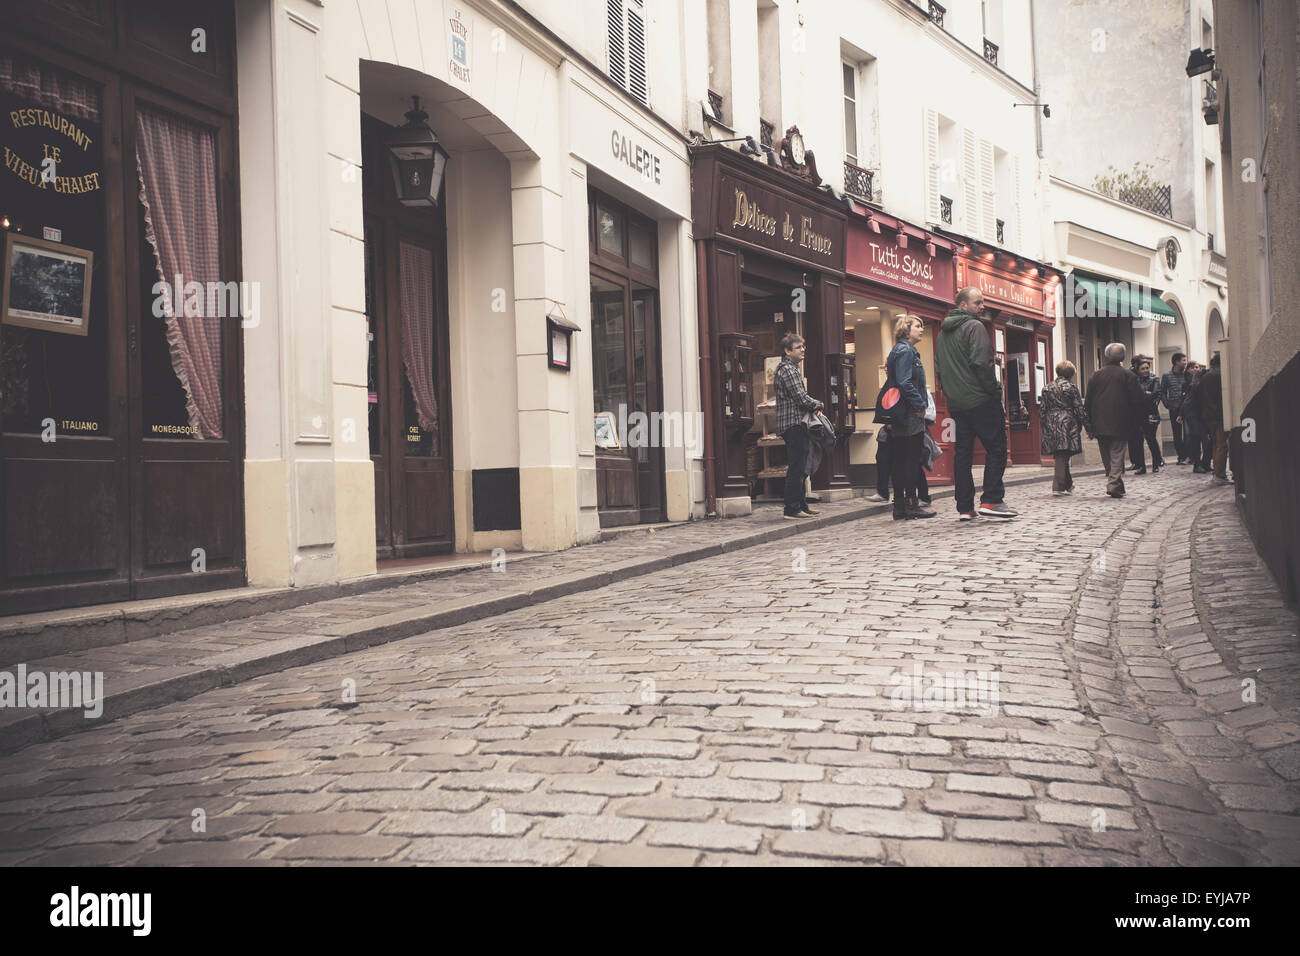 Vintage effetto filtro street view di Montmartre in Parigi Francia Immagini Stock